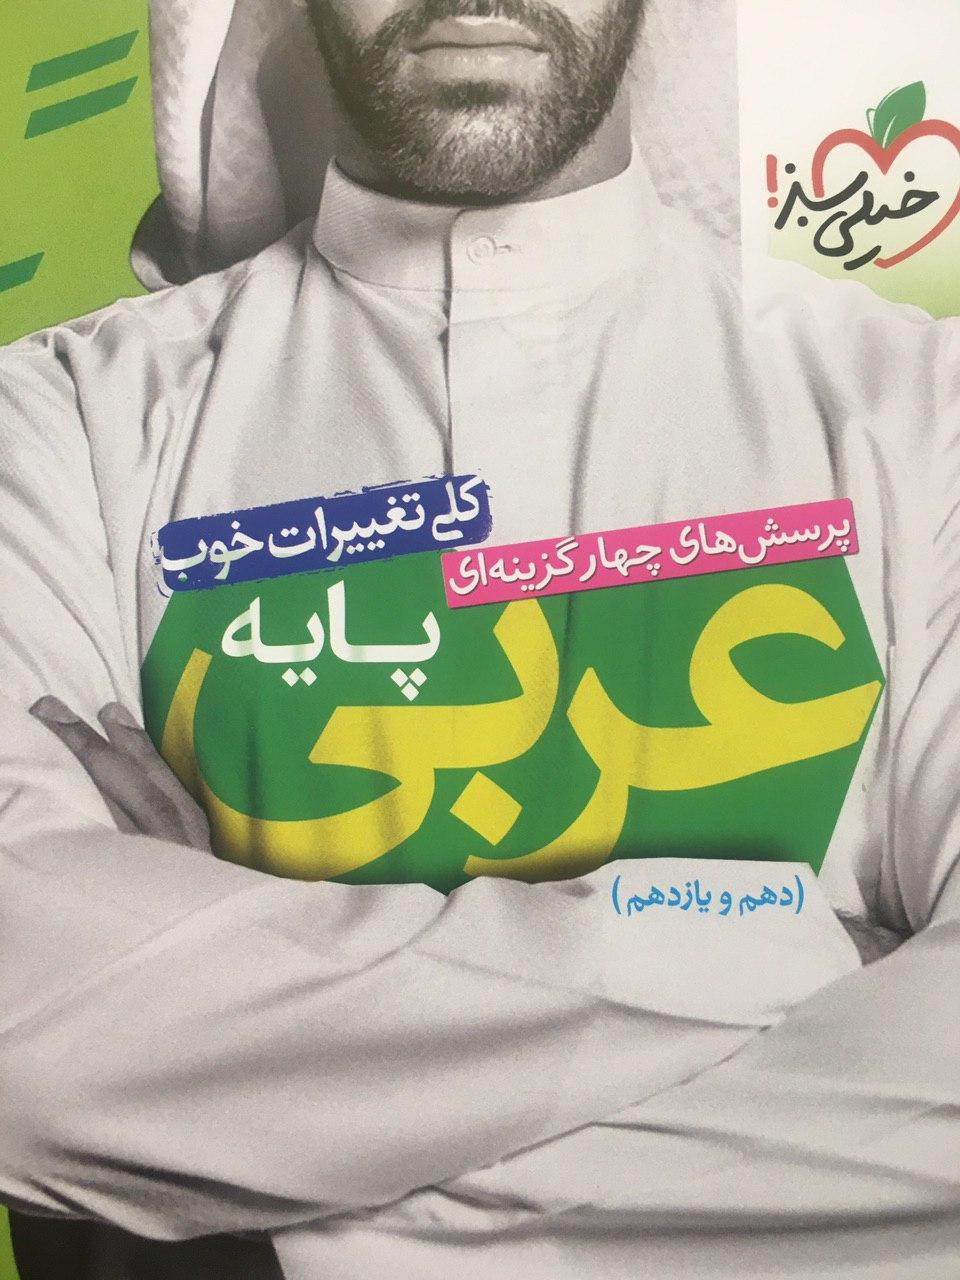 تست عربی پایه کنکور خیلی سبز